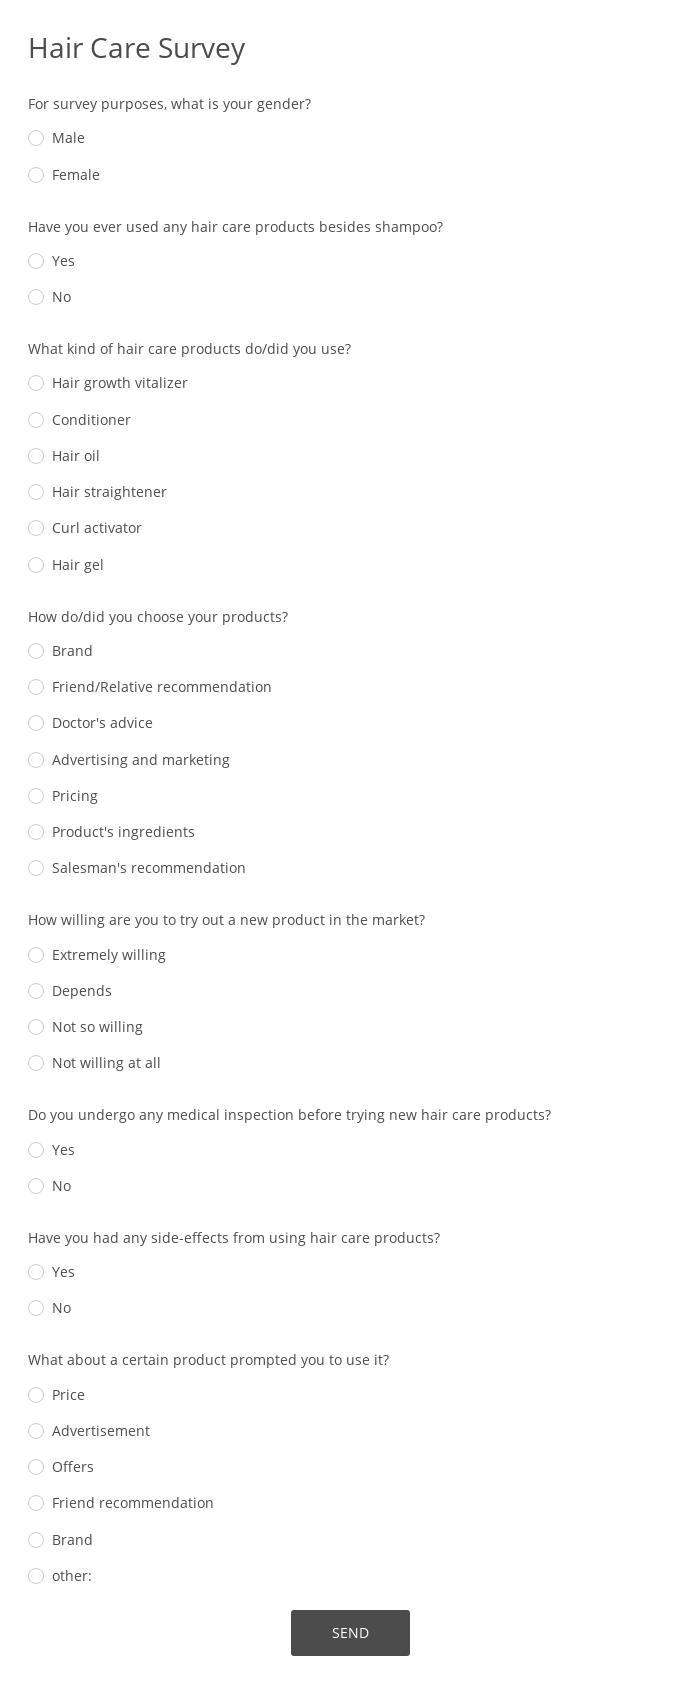 Hair Care Survey